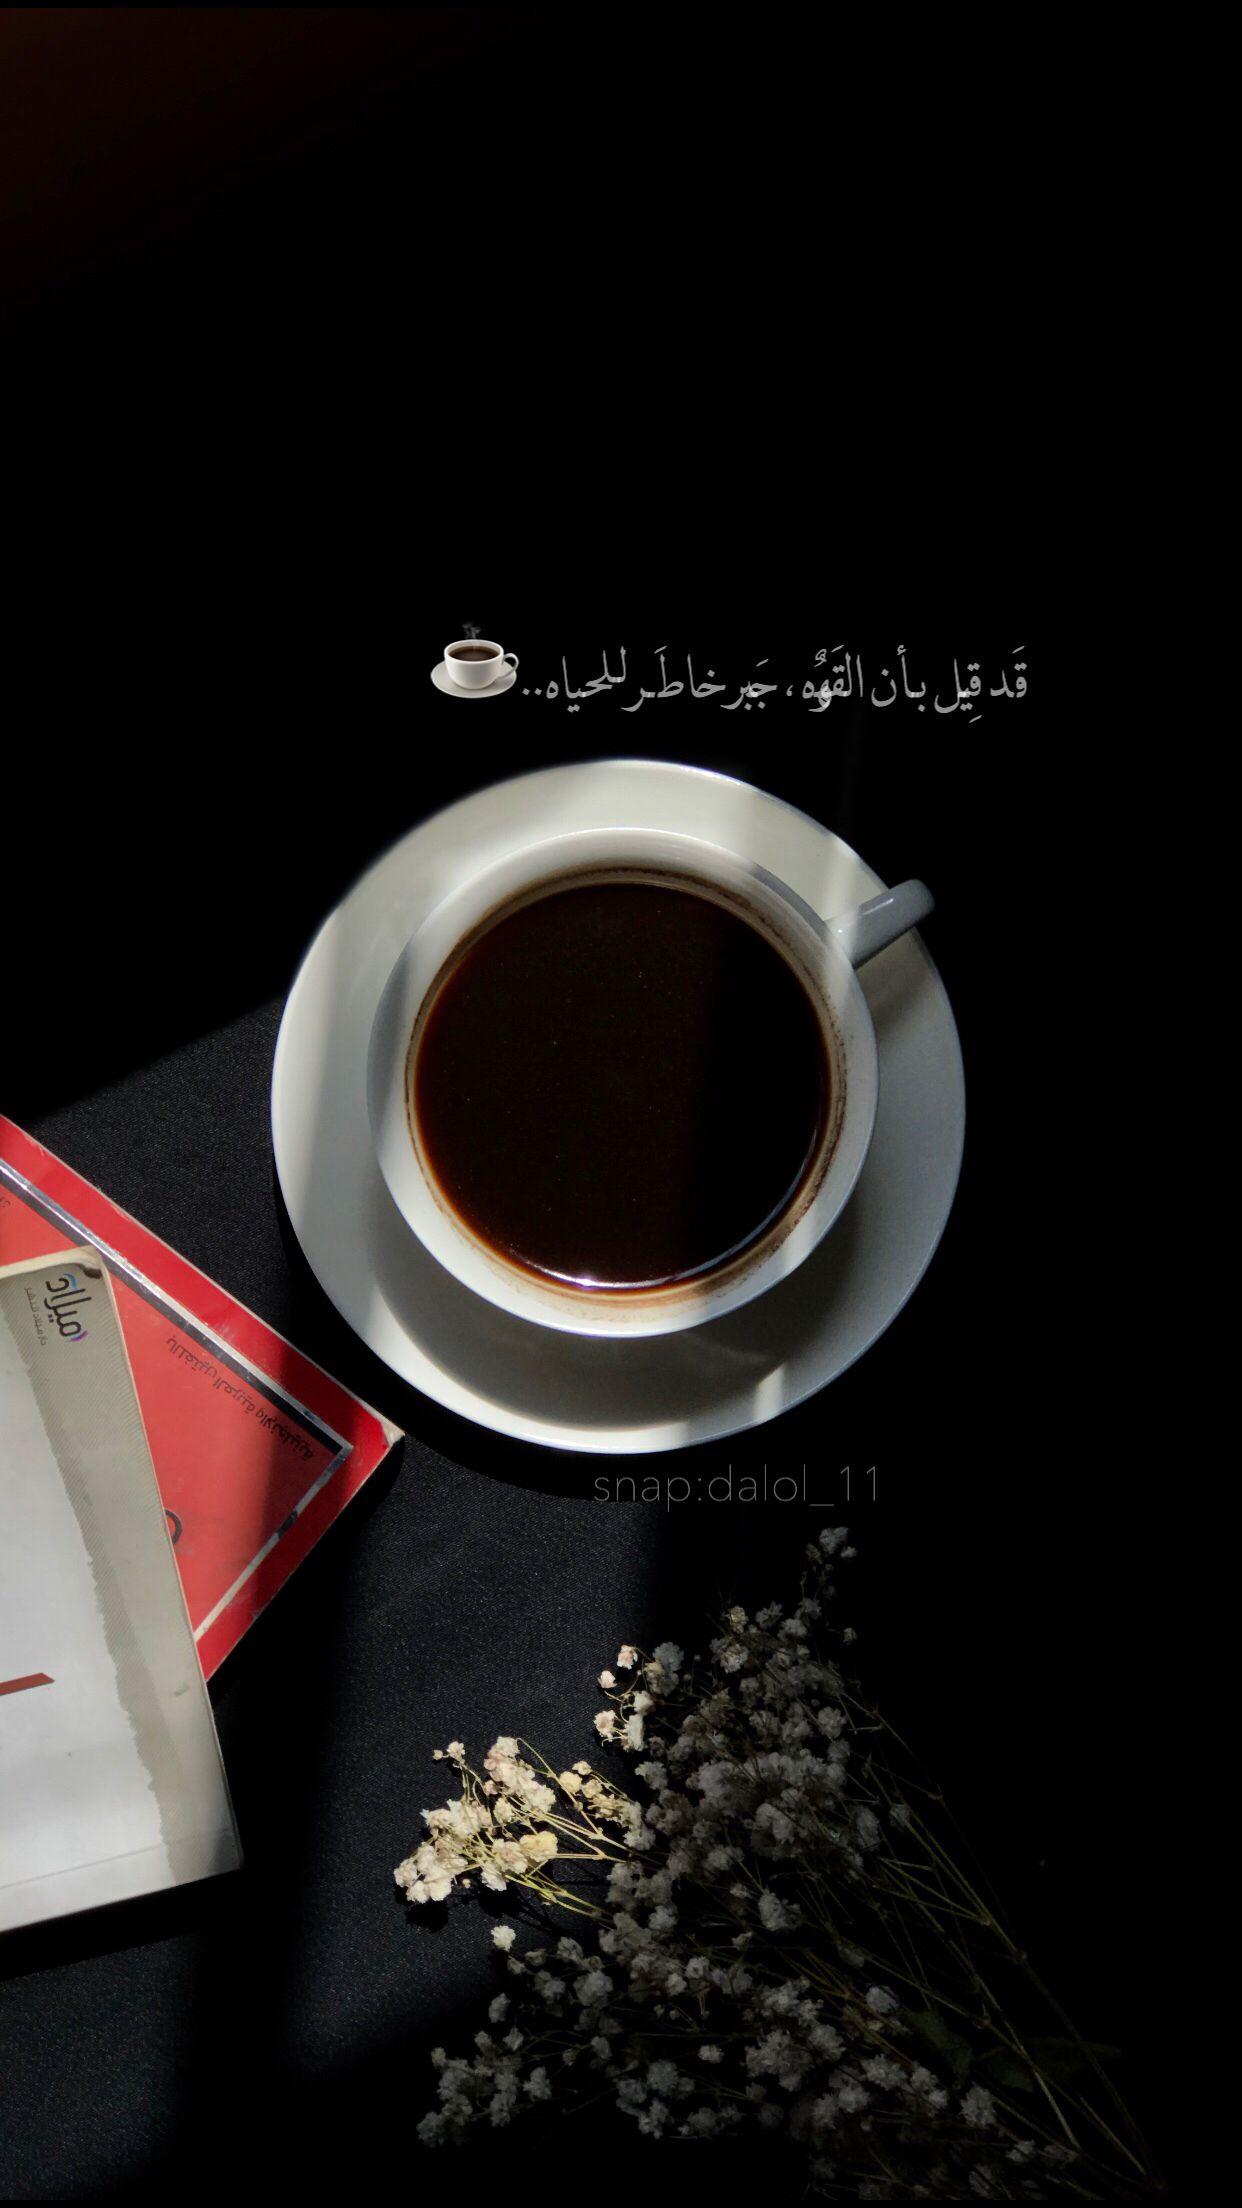 صور سناب تصوير دلال Coffee Love Quotes Coffee Quotes Coffee Jokes